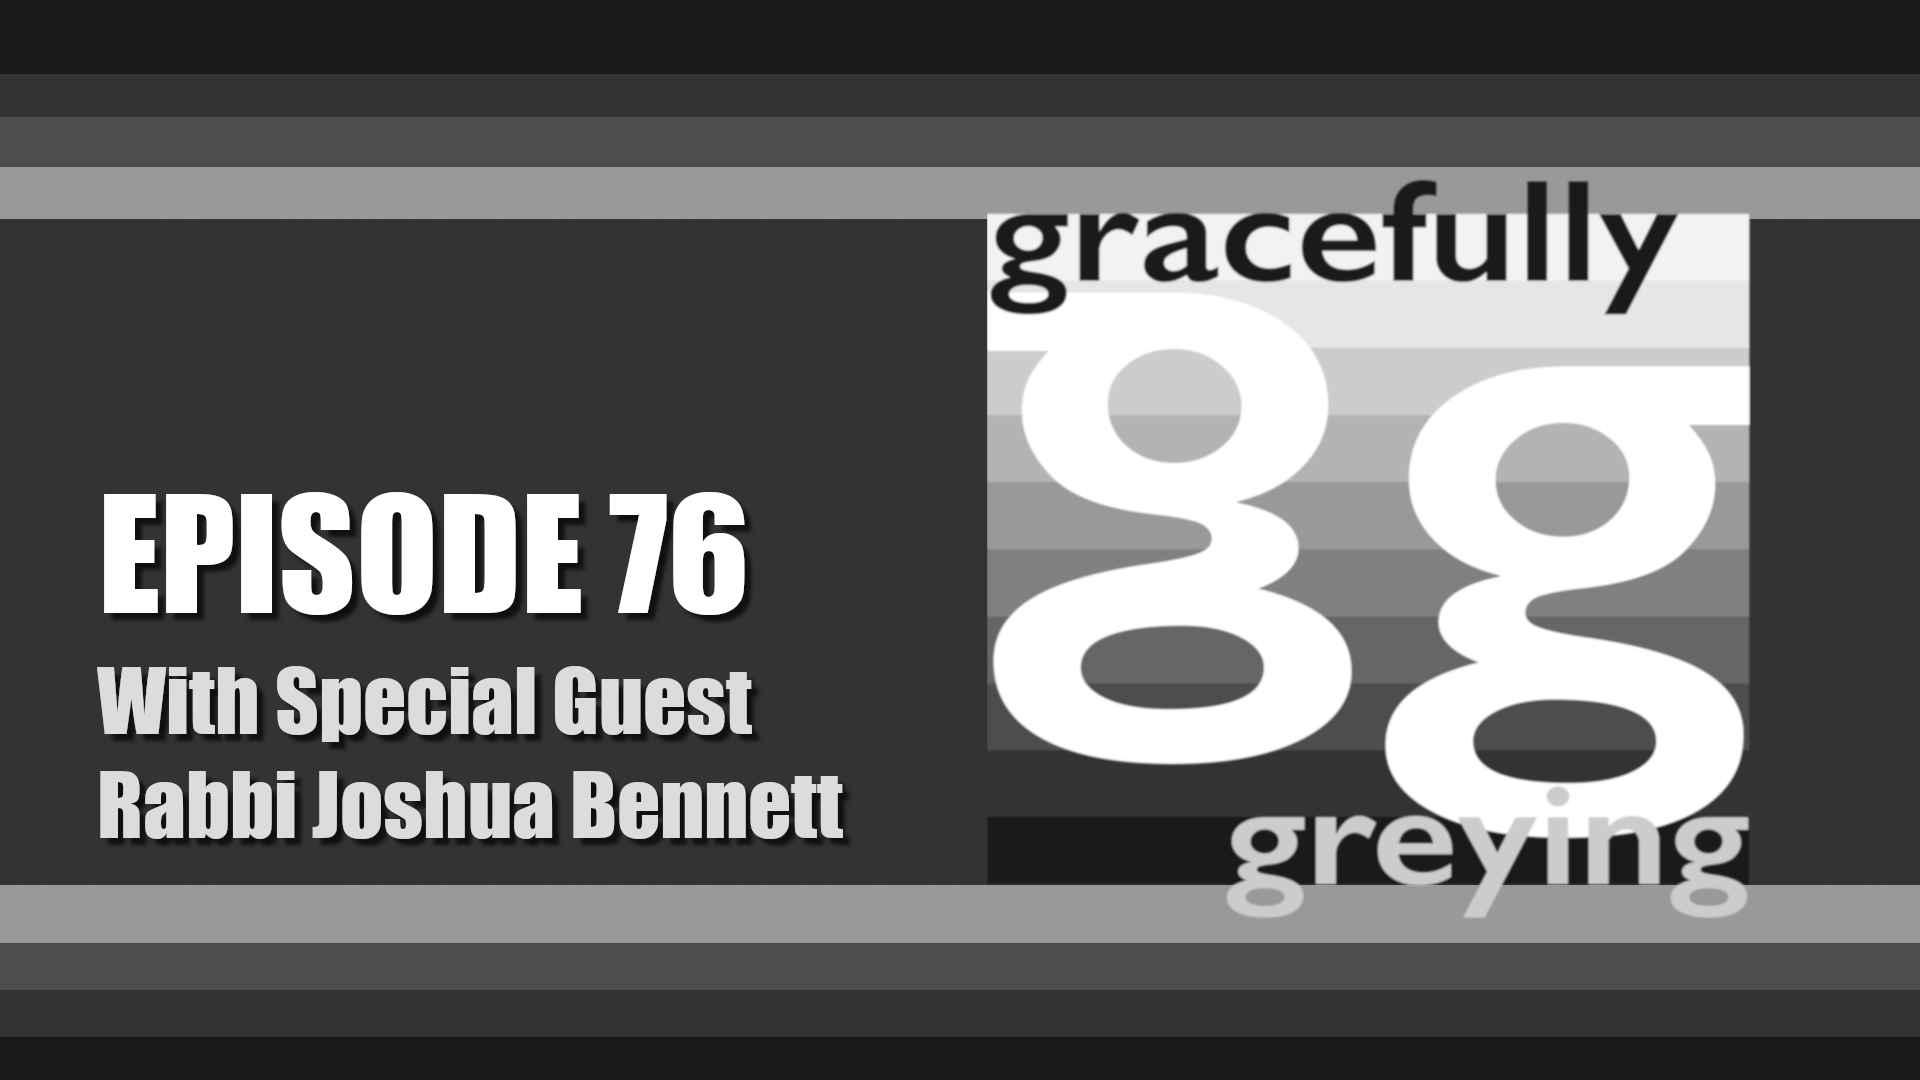 Gracefully Greying - Episode 76